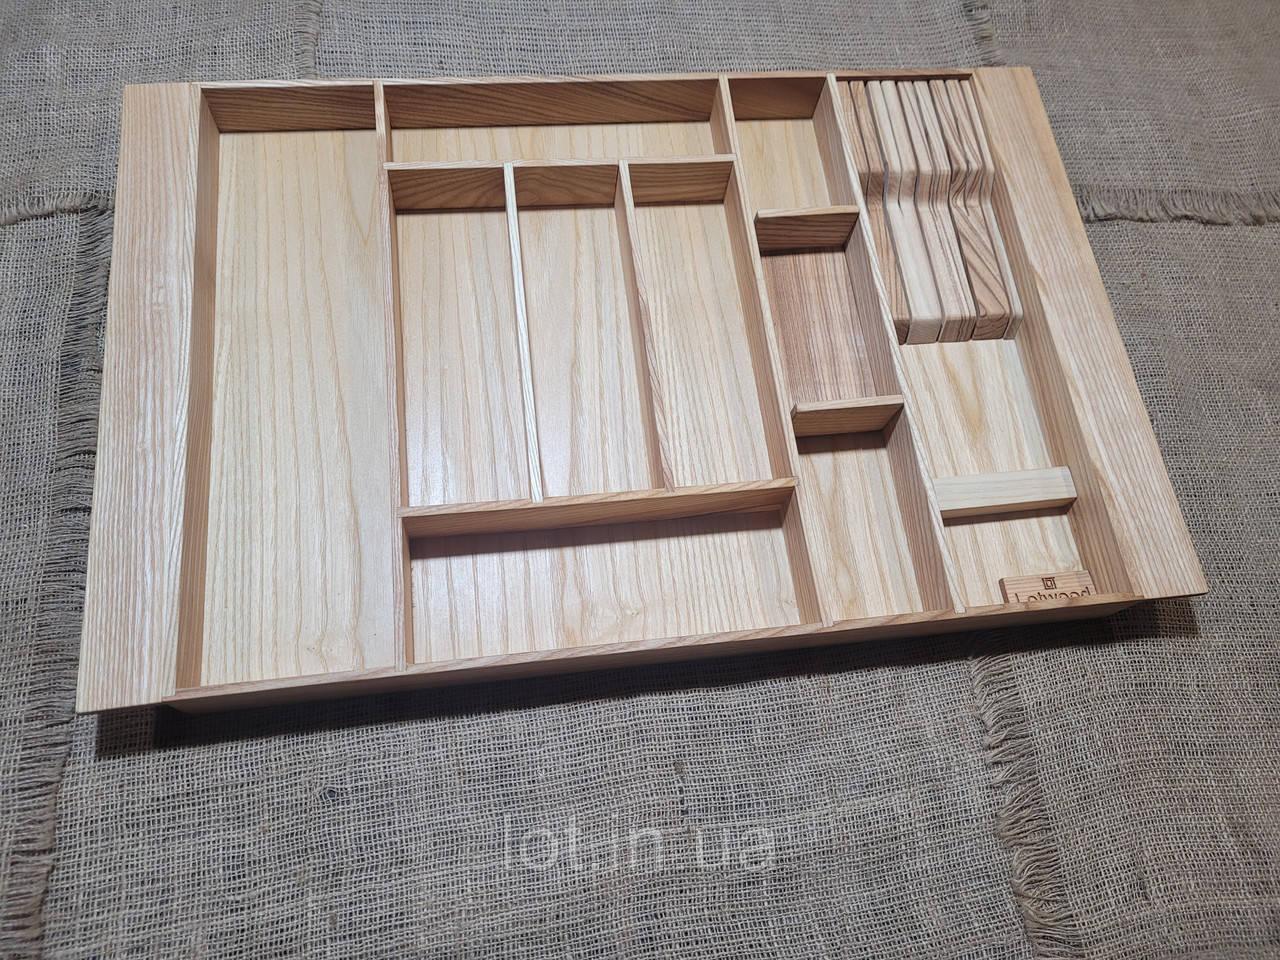 Лоток для столовых приборов LР8М1 609-700.450 ясень